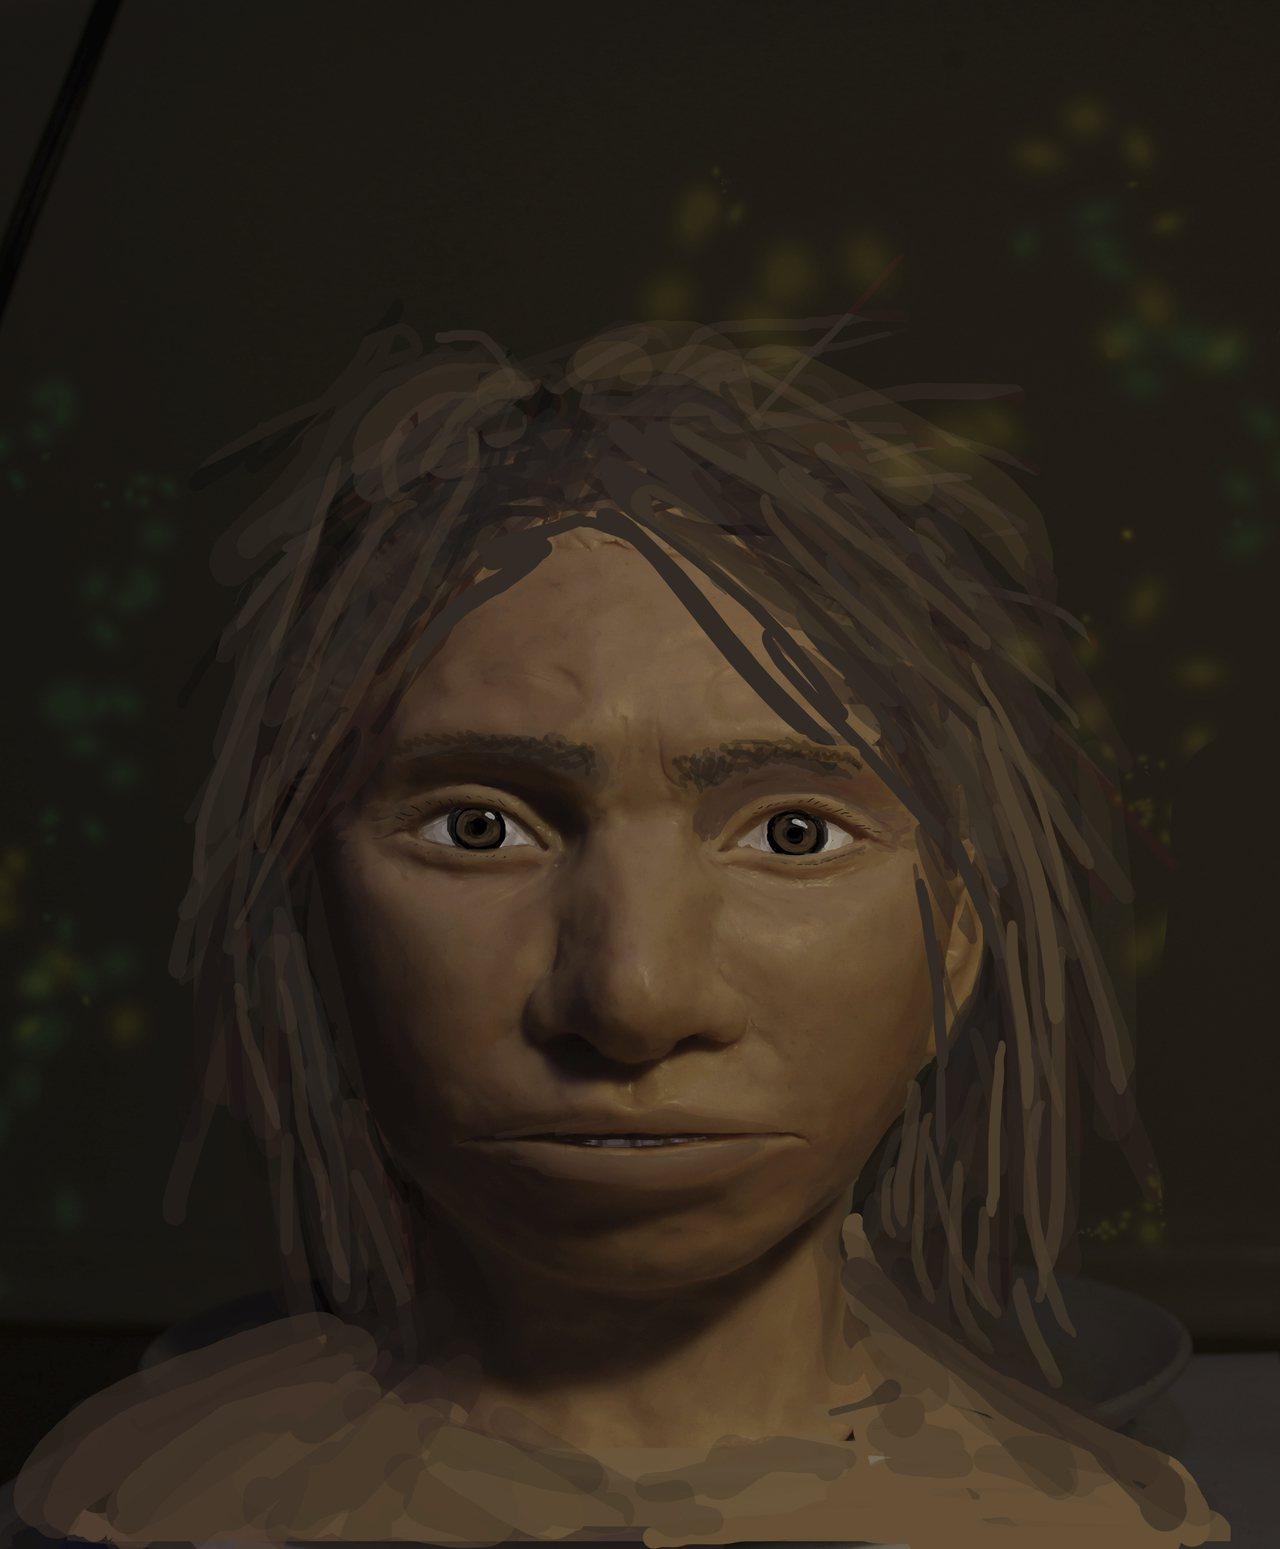 提取指骨化石DNA 專家重塑古人類容貌 美聯社